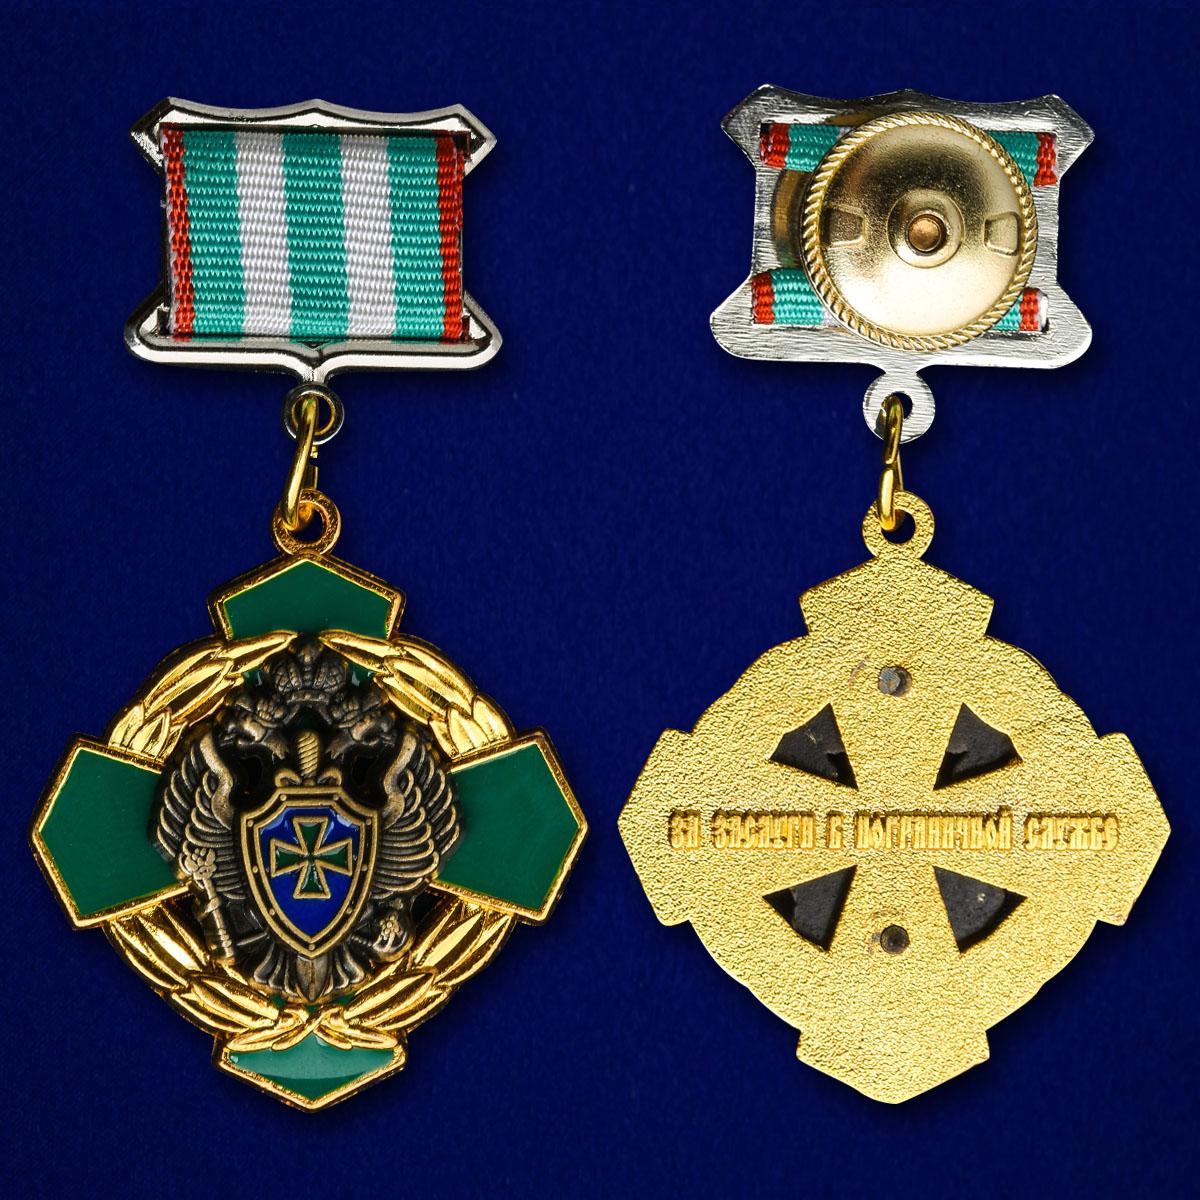 """Знак отличия """"За заслуги в пограничной службе"""" 1 степени ПС ФСБ-аверс и реверс"""